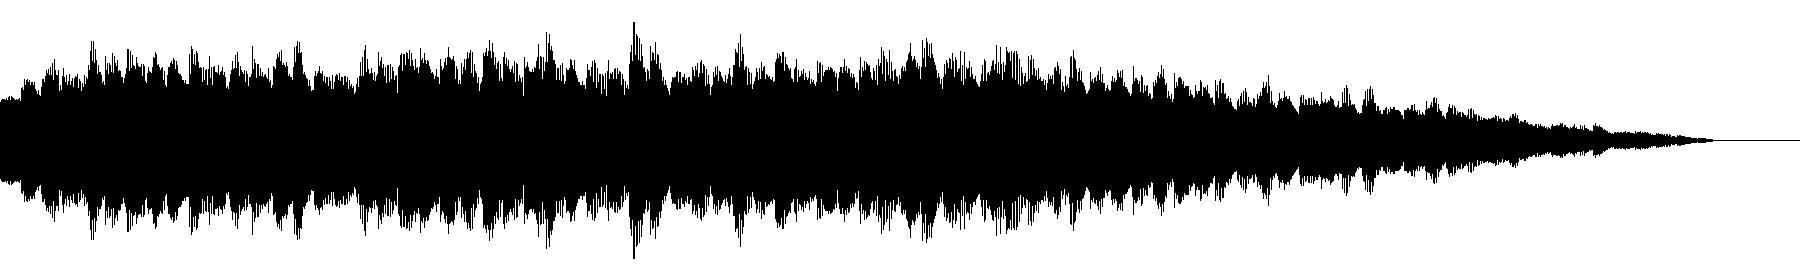 bluezone orbit sound 055